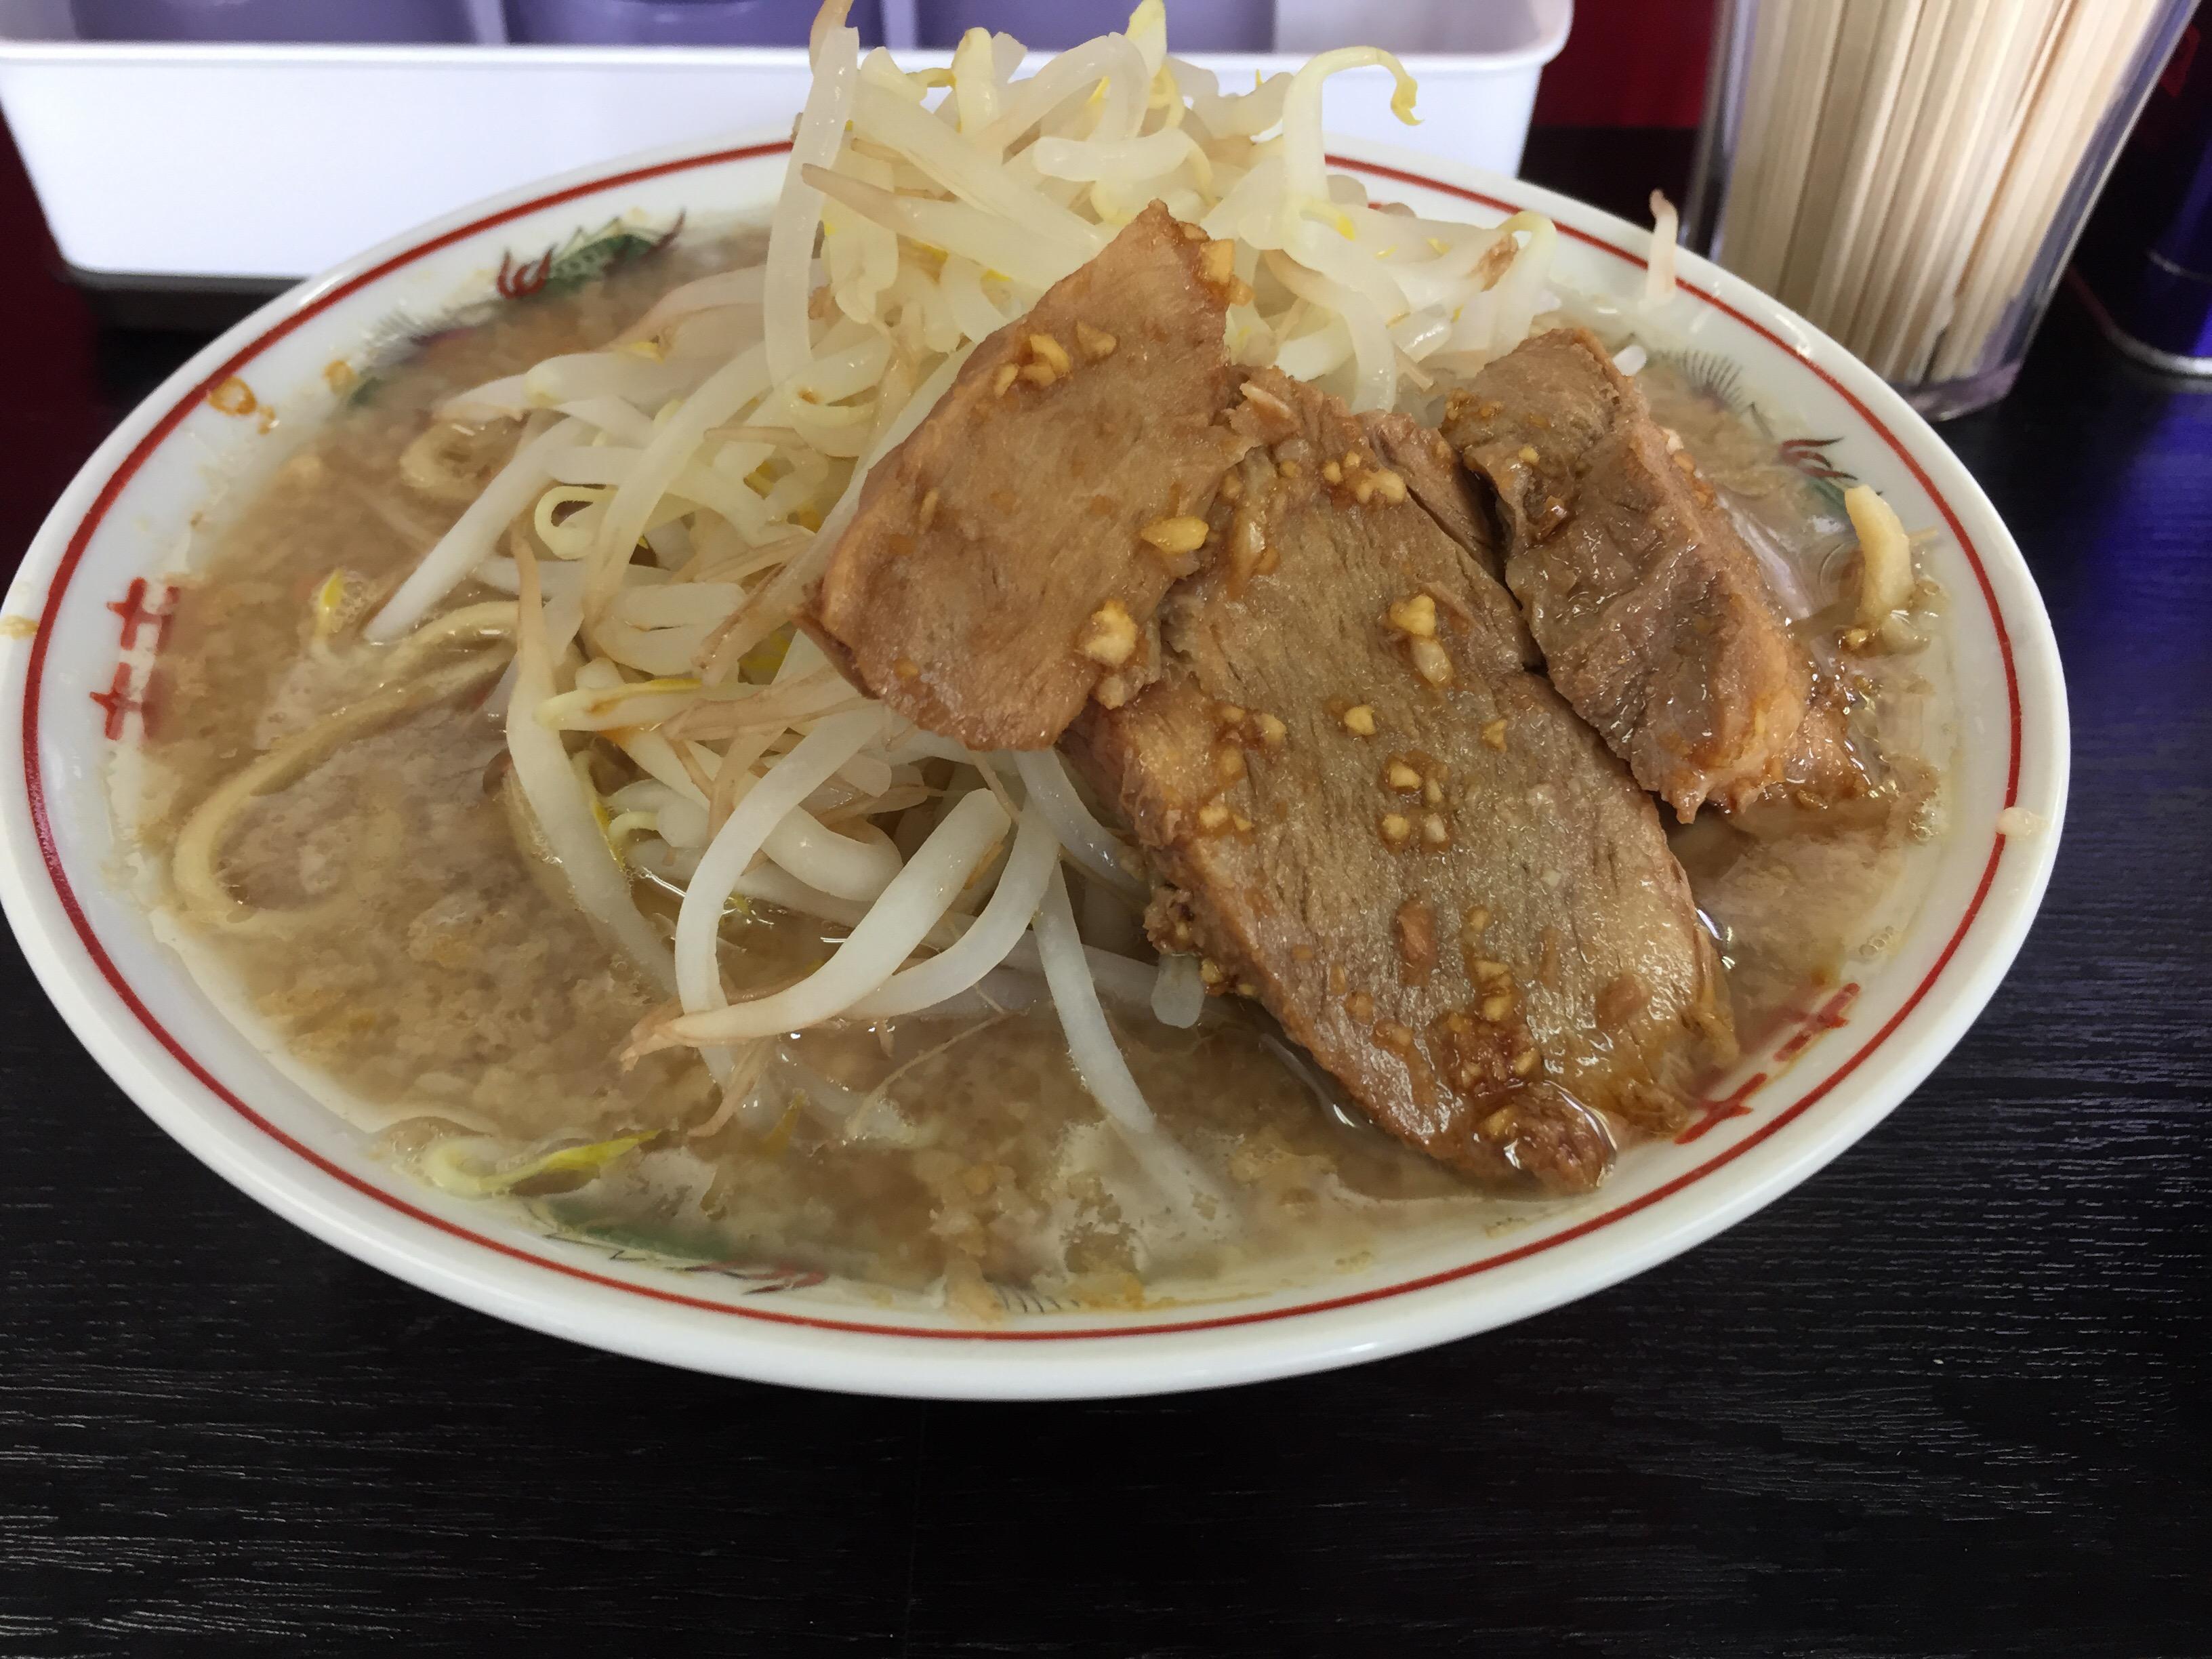 かわいいブタの看板が目印。二郎インスパイア系のガッツリ感を堪能!ランチセットはとってもお得!横浜片倉町「ぶた麺」!